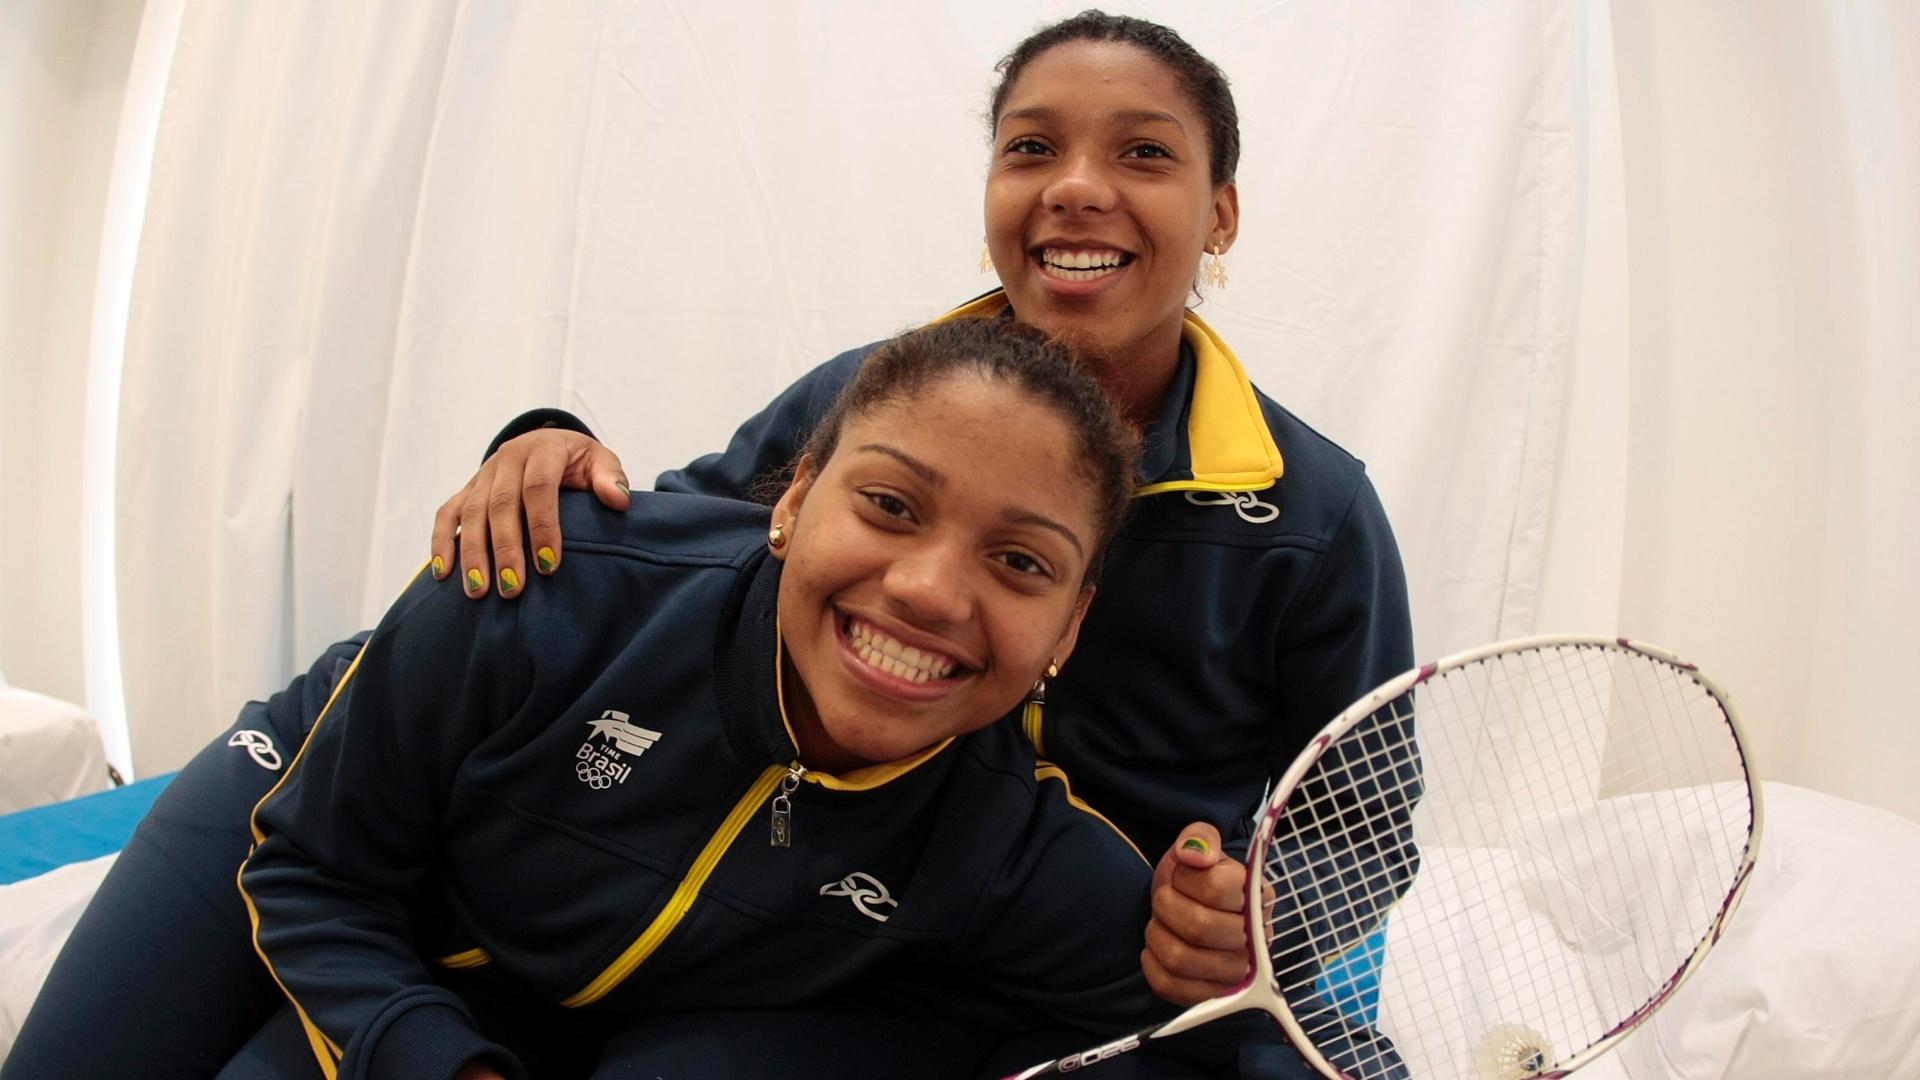 Com a irmã Luana Vicente (dir), Lohaynny Oliveira integra equipe brasileira do badminton no Pan-2011